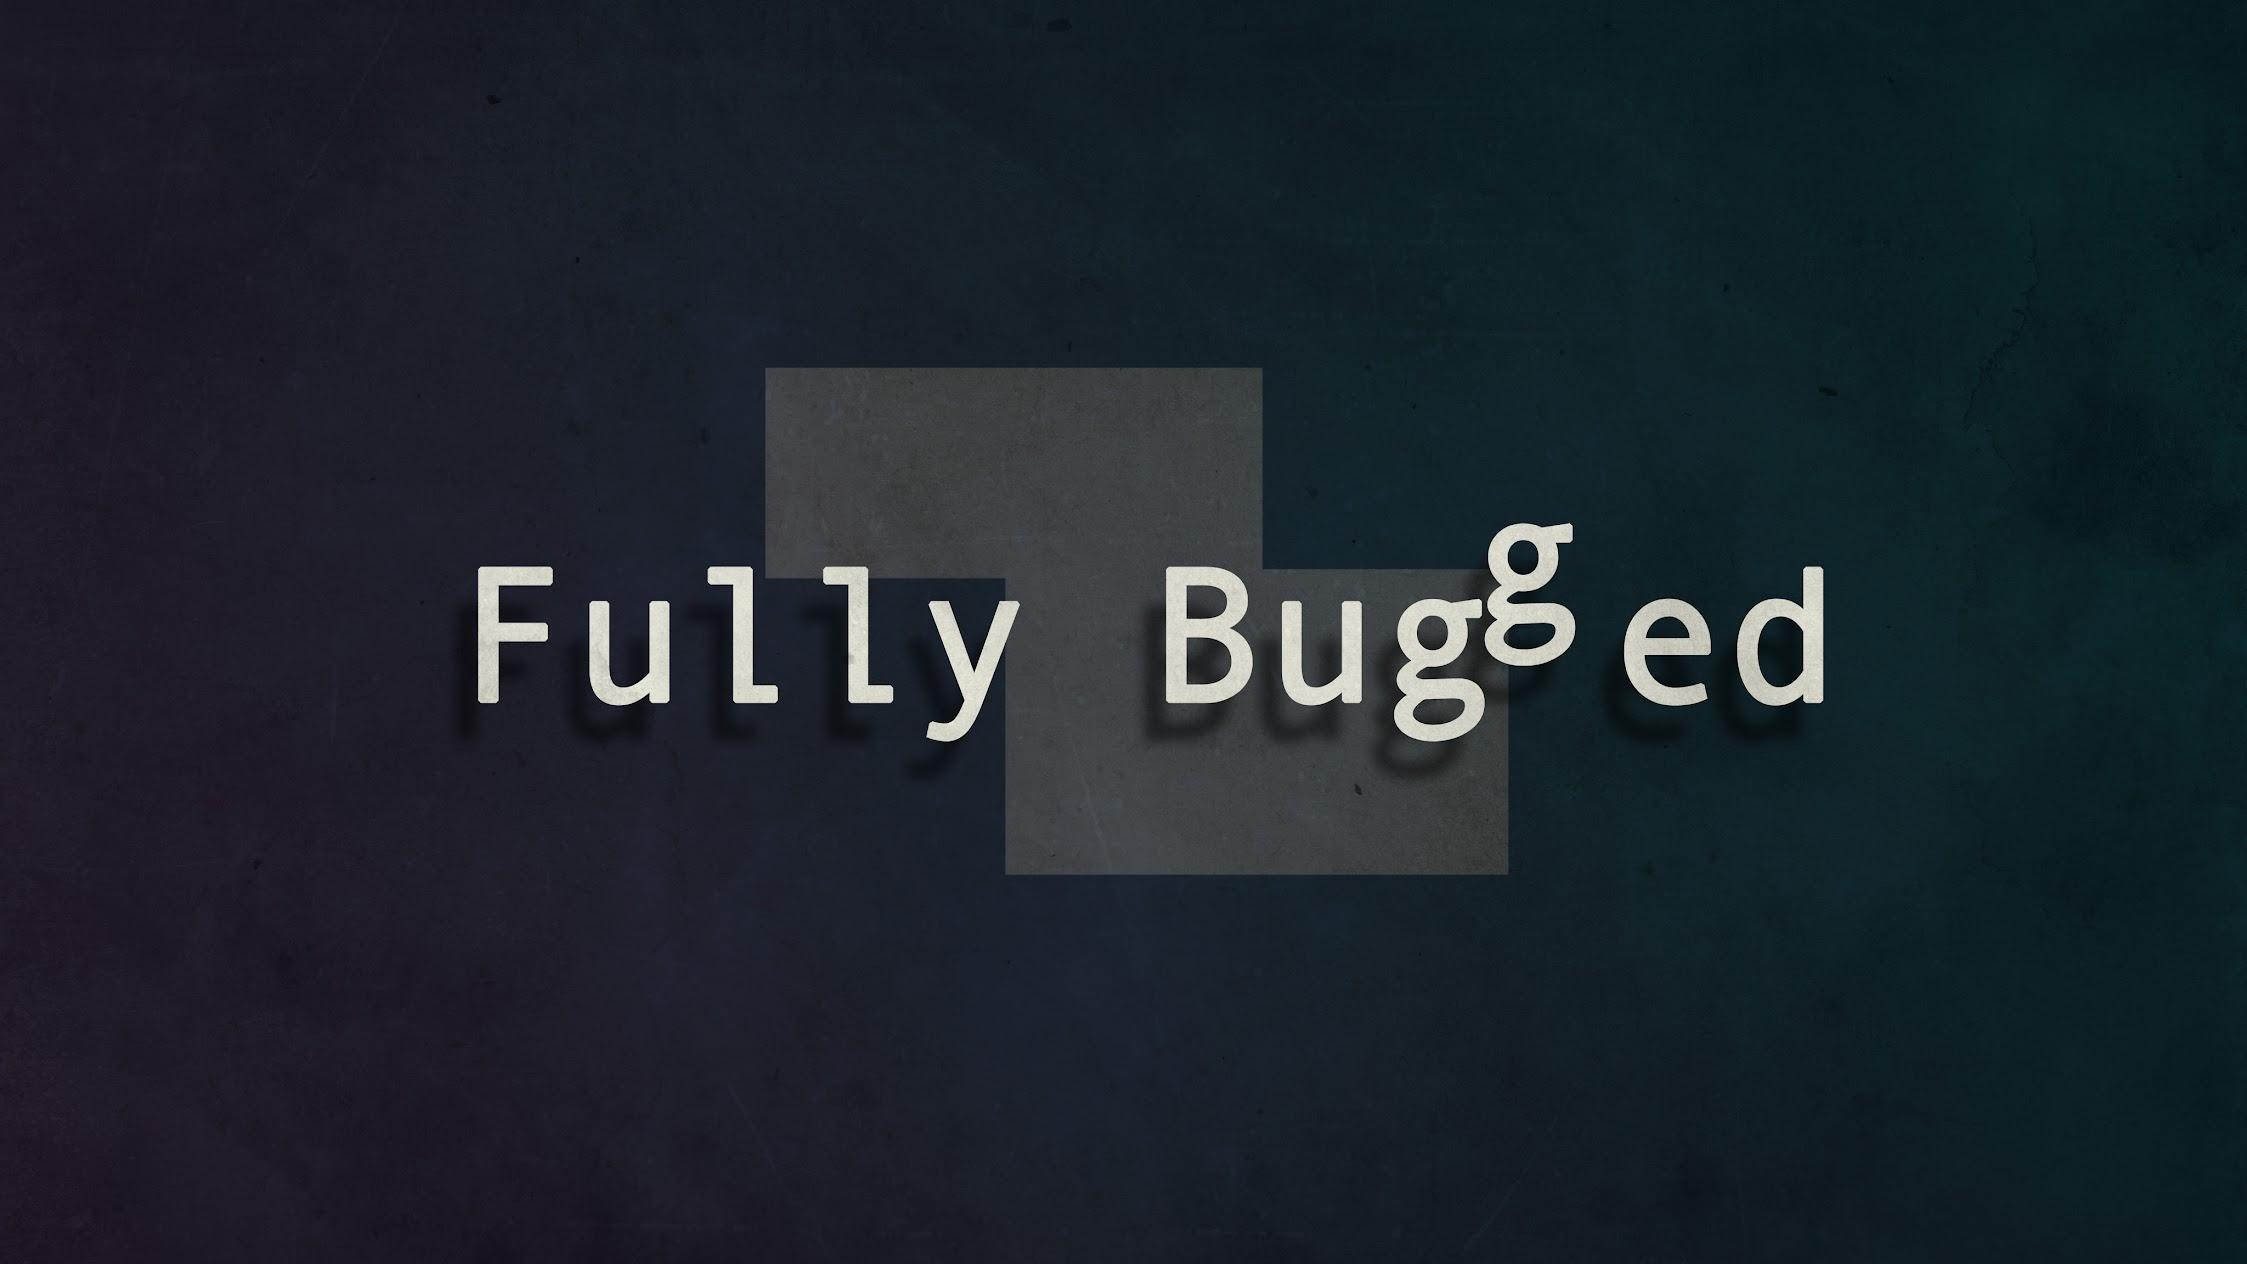 Fully Bugged